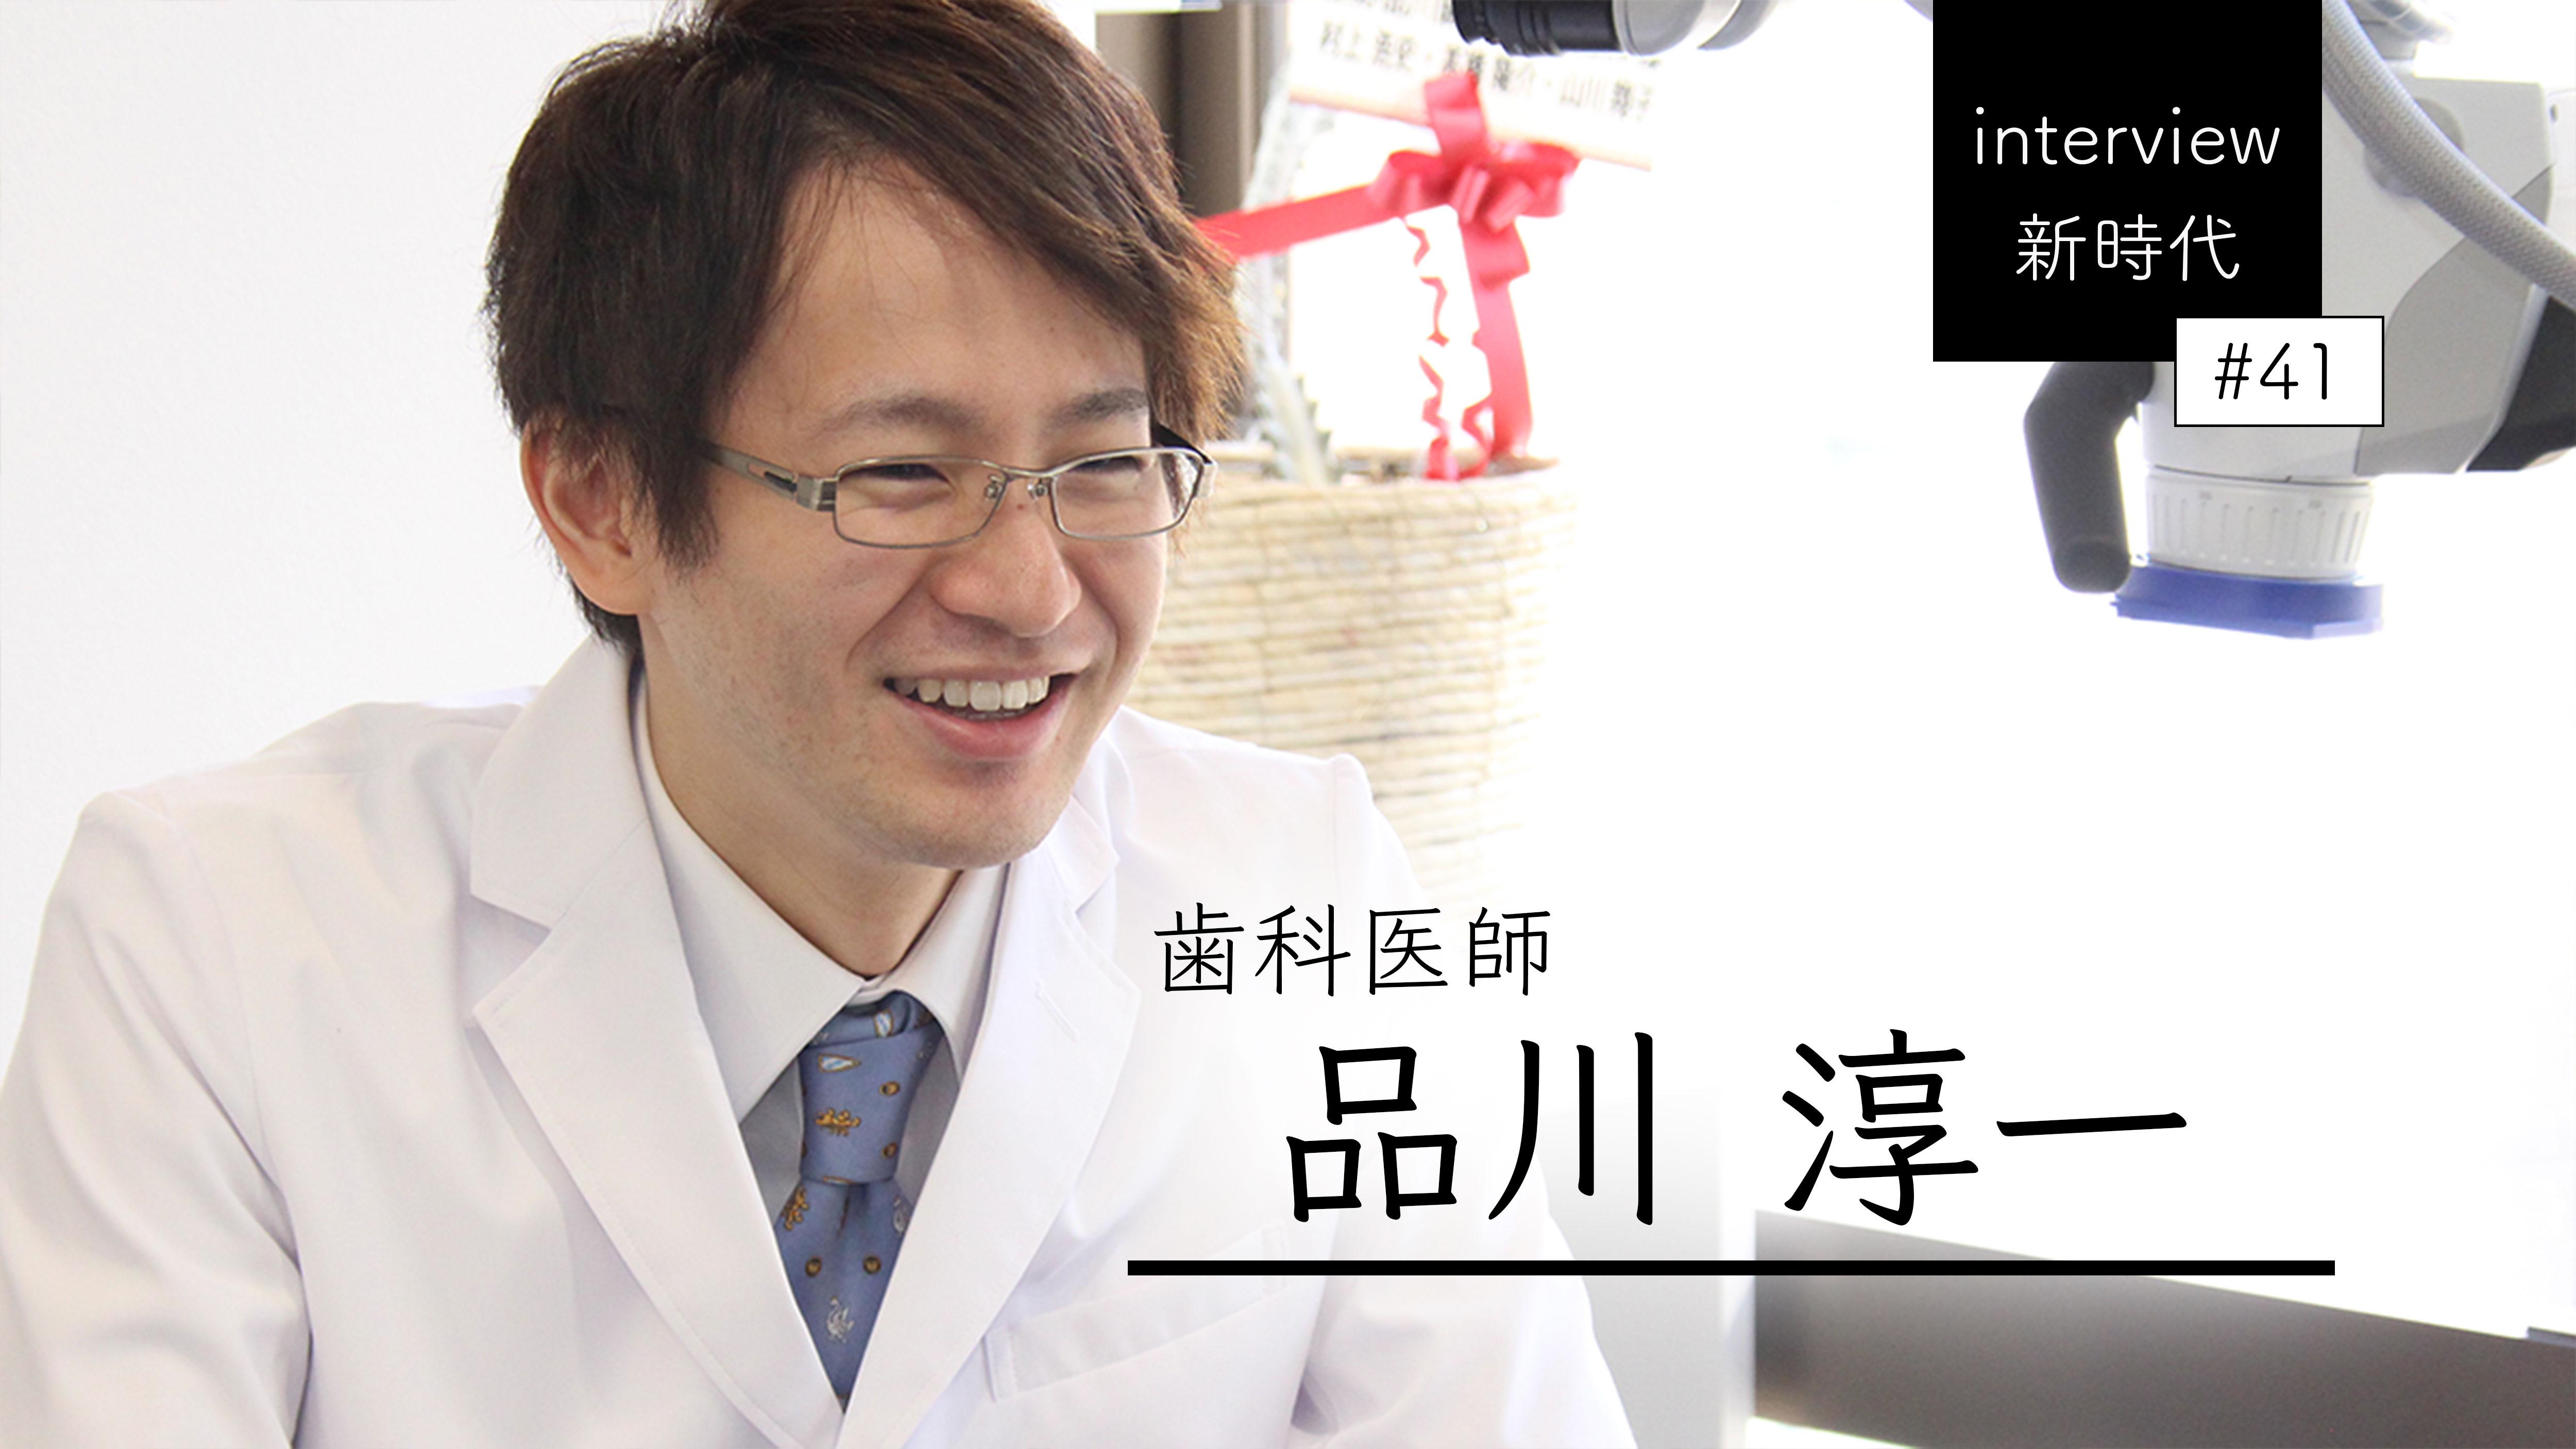 品川淳一先生『う蝕を包括的に管理する「カリオロジスト」という妄想』の画像です